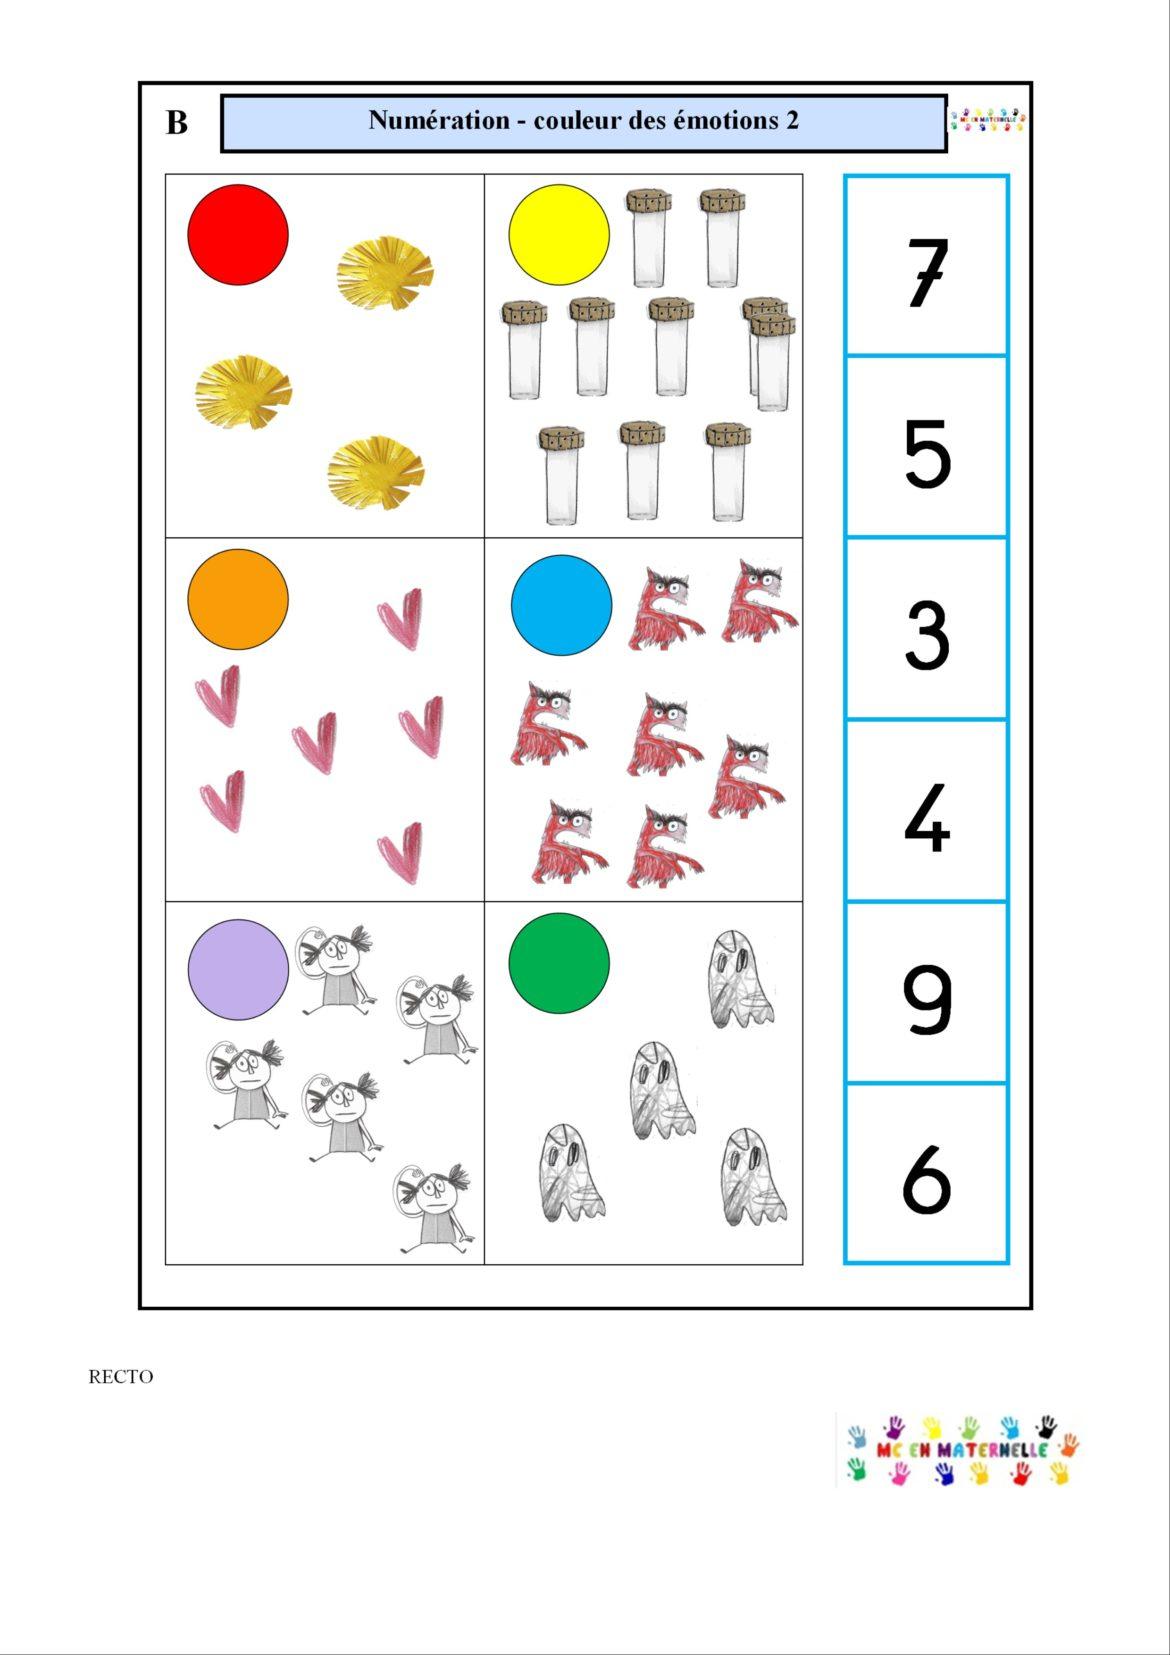 Logico – Mc En Maternelle destiné Fiche Maternelle Petite Section A Imprimer